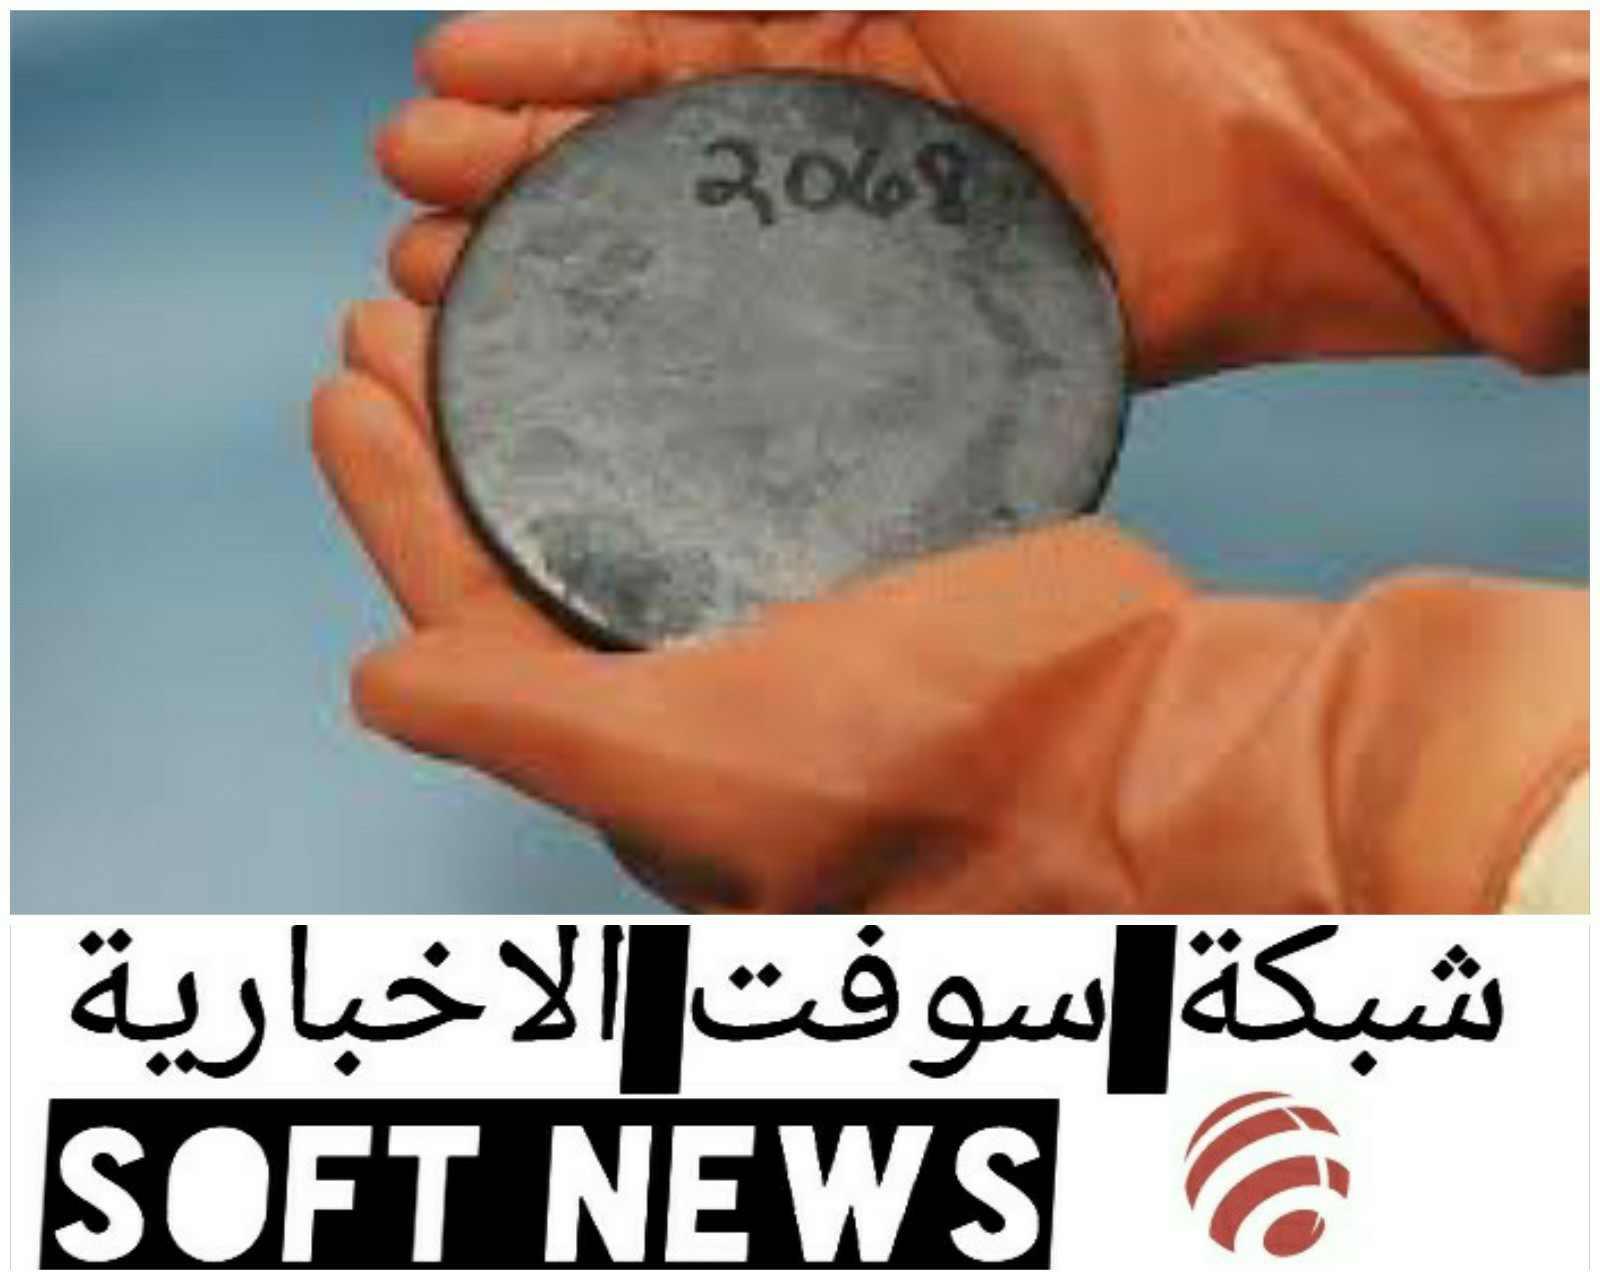 إيران تنتج اليورانيوم، وتنتهك الاتفاق النووي